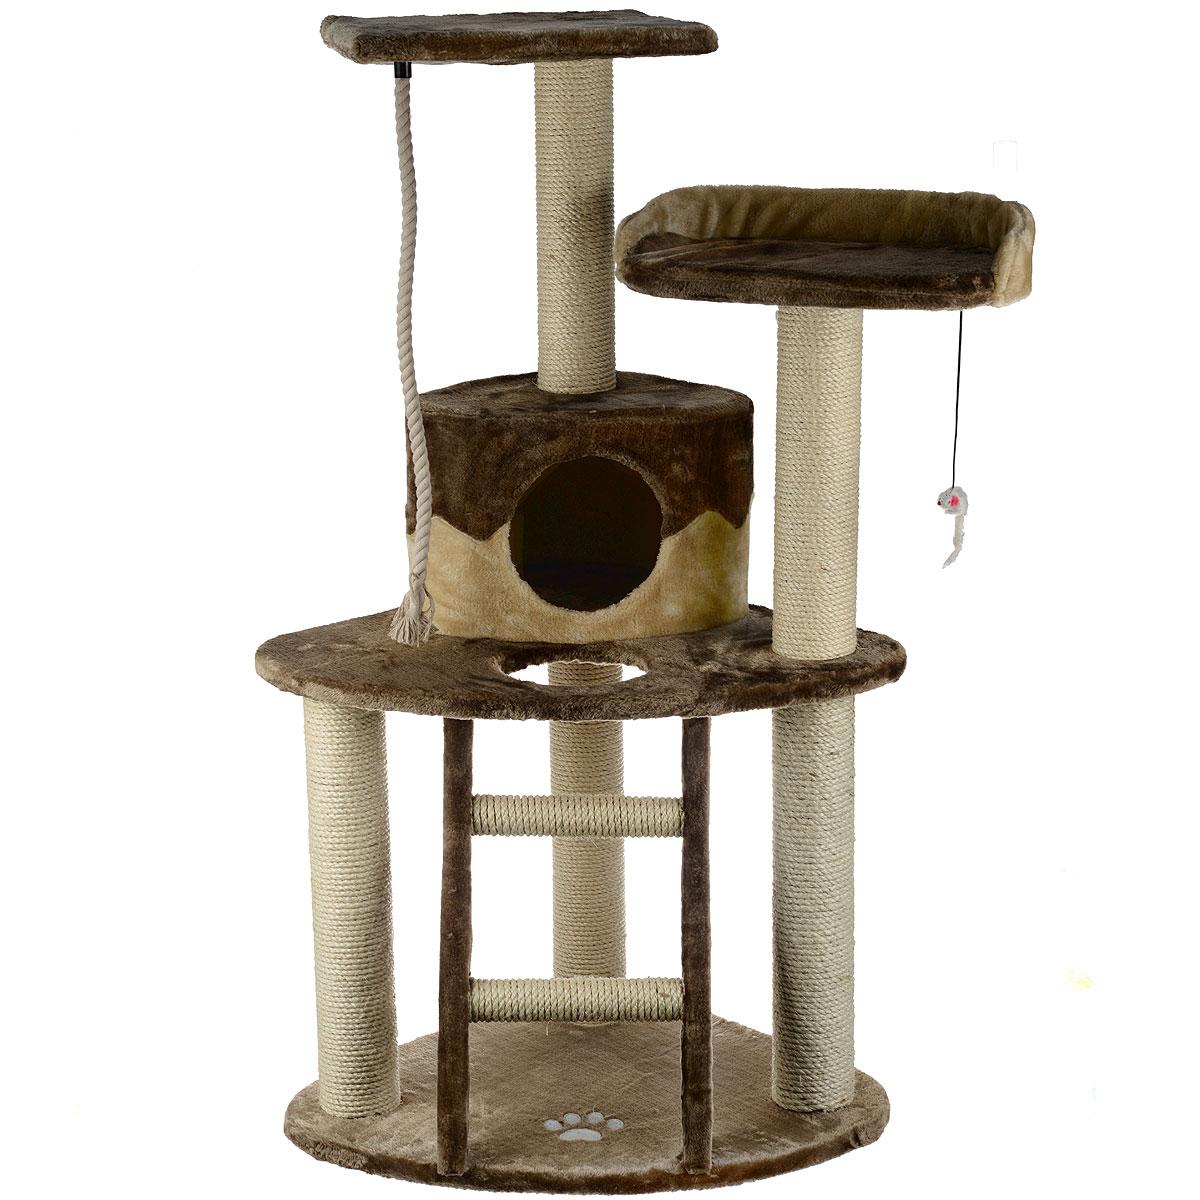 Комплекс для кошек I.P.T.S. Smarty, 55 см х 55 см х 120 см16452Угловой комплекс I.P.T.S. Smarty предназначен для досуга вашей кошки и состоит из домика, 3-х полок, когтеточки, лестницы и каната. Целый дом в распоряжении кошки. Три уровня высоты, когтеточка, лестница в игровом комплексе позволяют кошки резвится и точить коготки. Комплекс обит плюшем. Когтеточка изготовлена из сизаля, натурального прочного материала. Размер комплекса: 55 см х 55 см х 120 см.